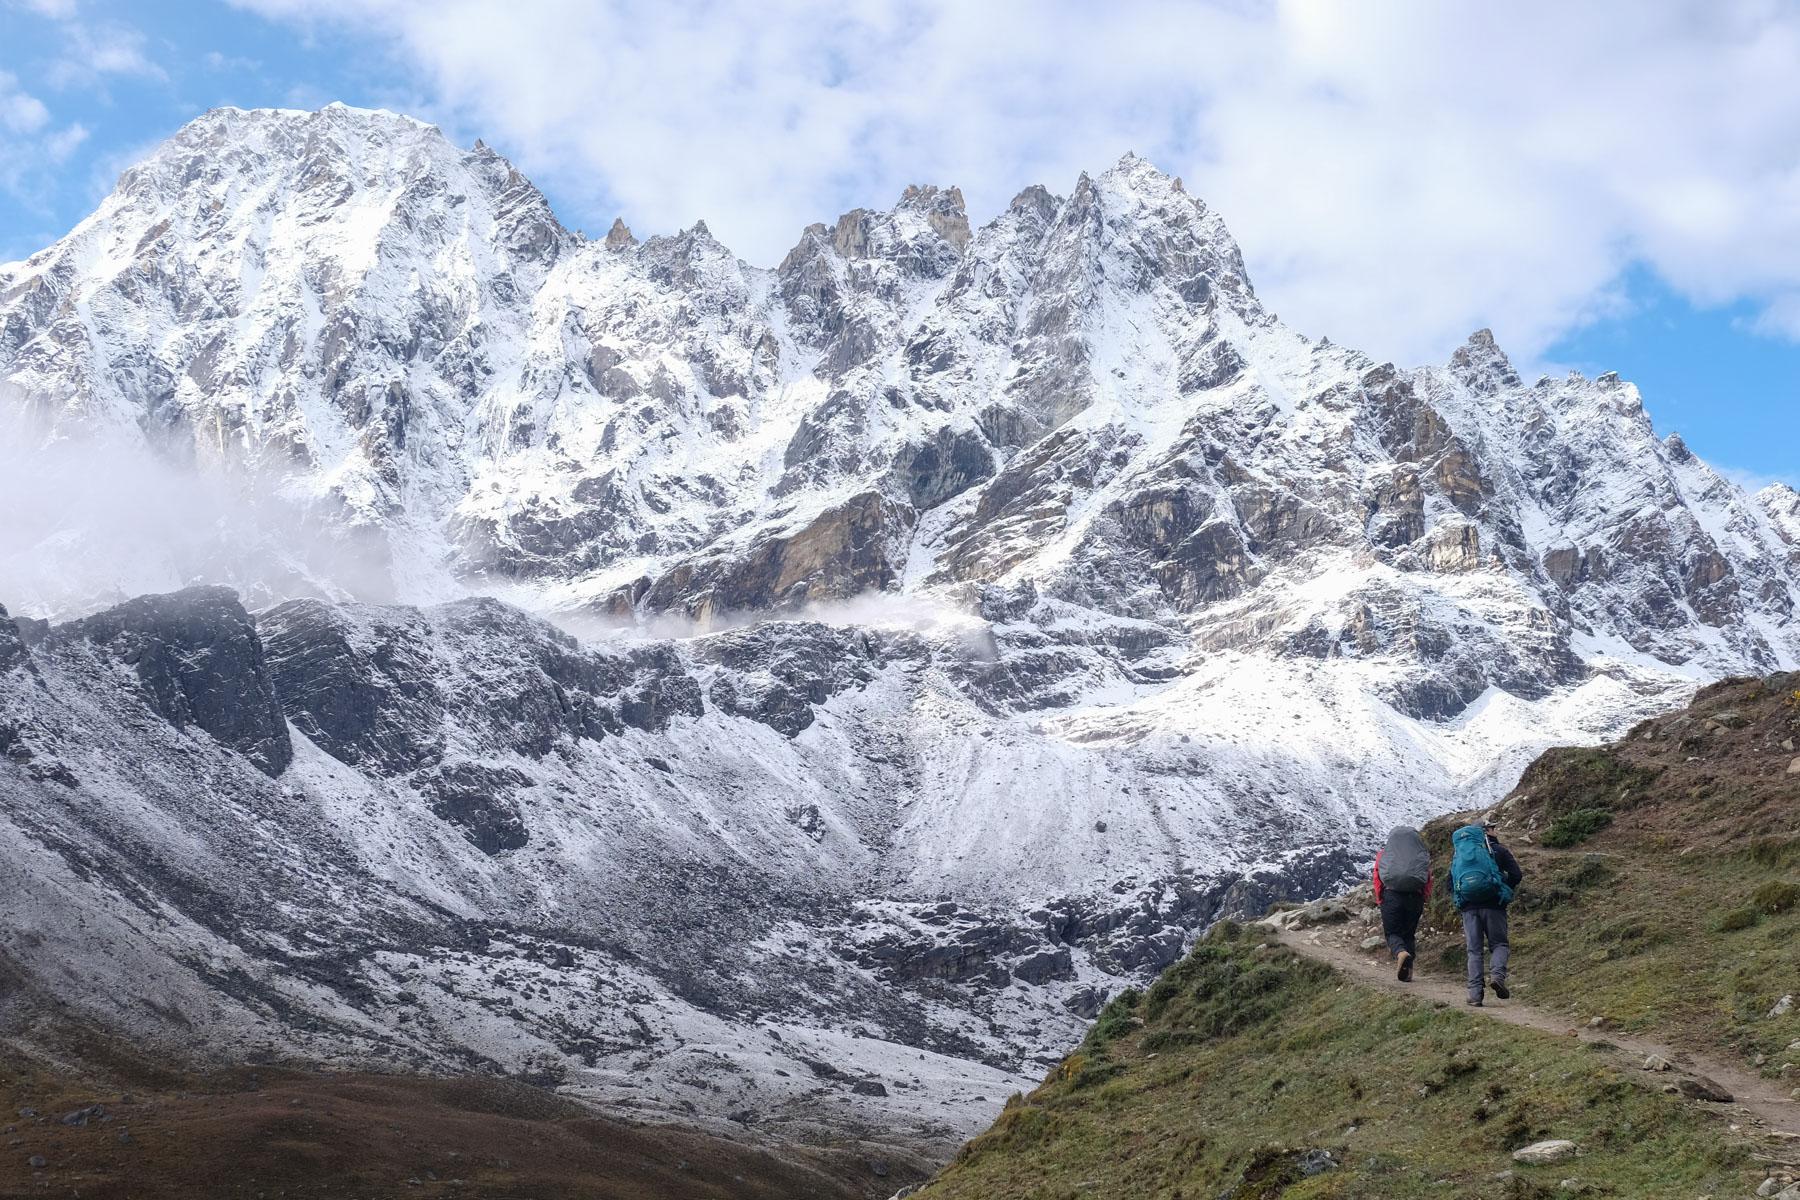 Kala Patthar & Gokyo, Everest 3 pass #3 72